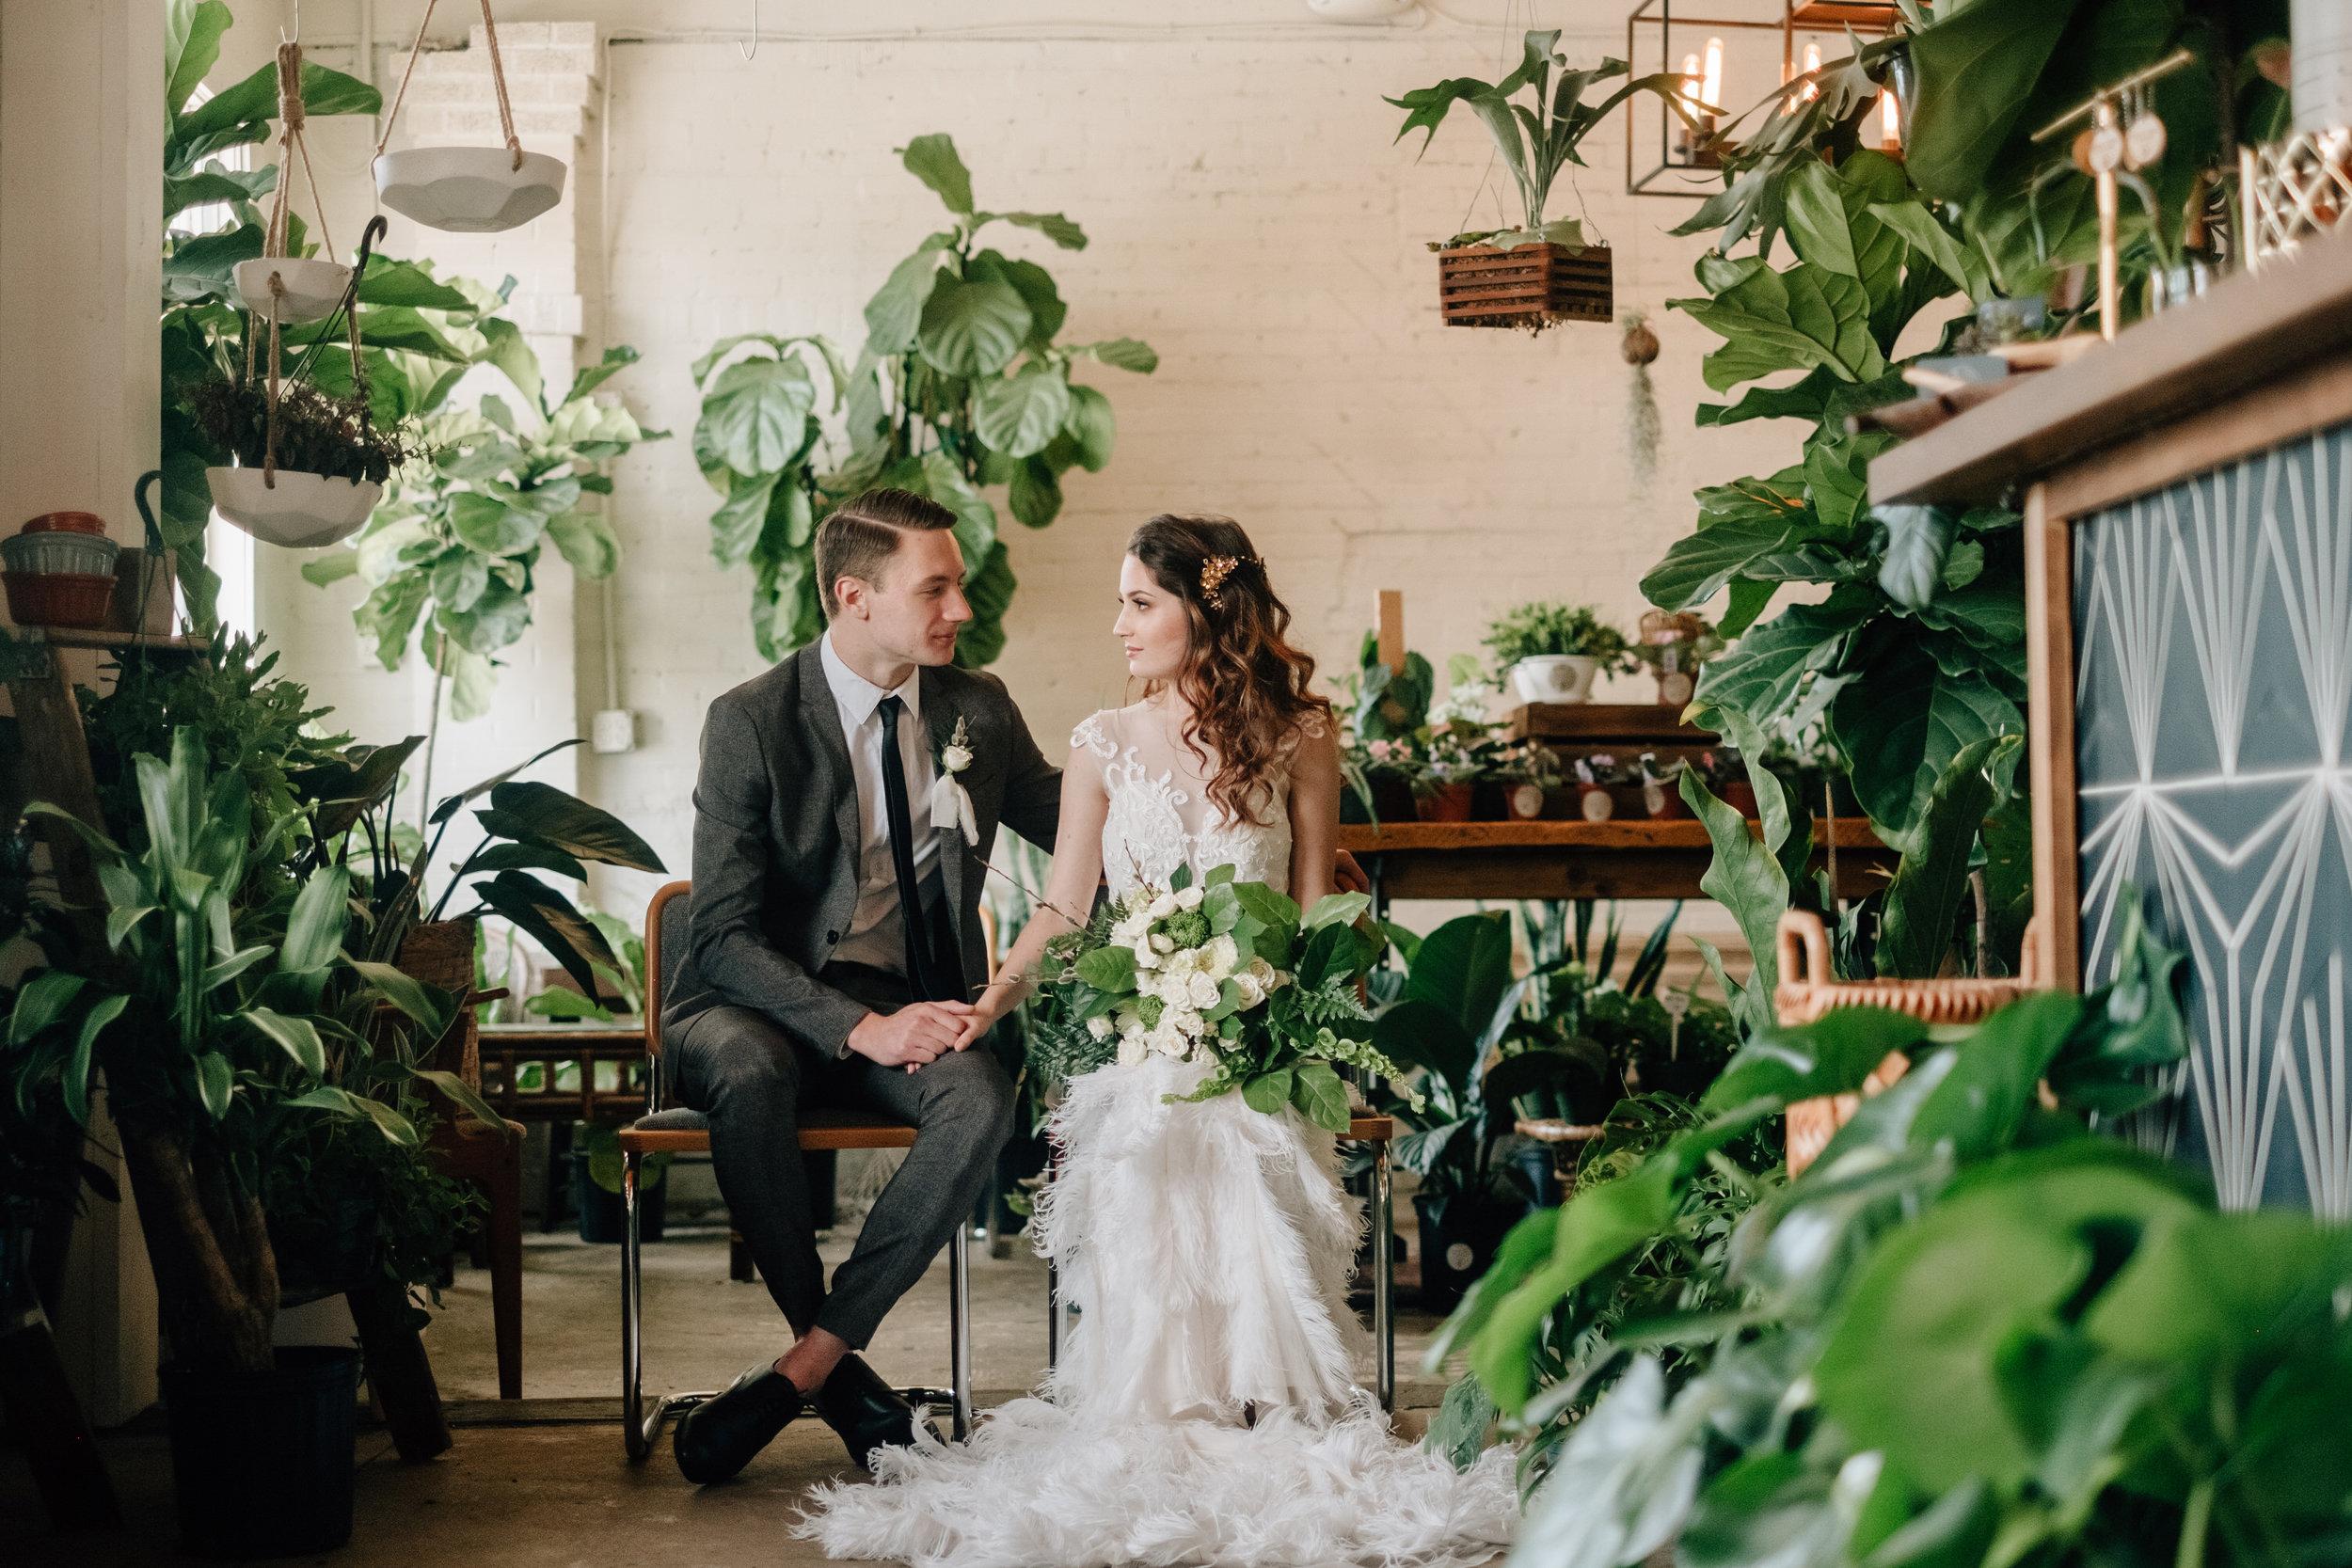 Amethyst Weddings Styled Shoot 3-25-18 002.jpg